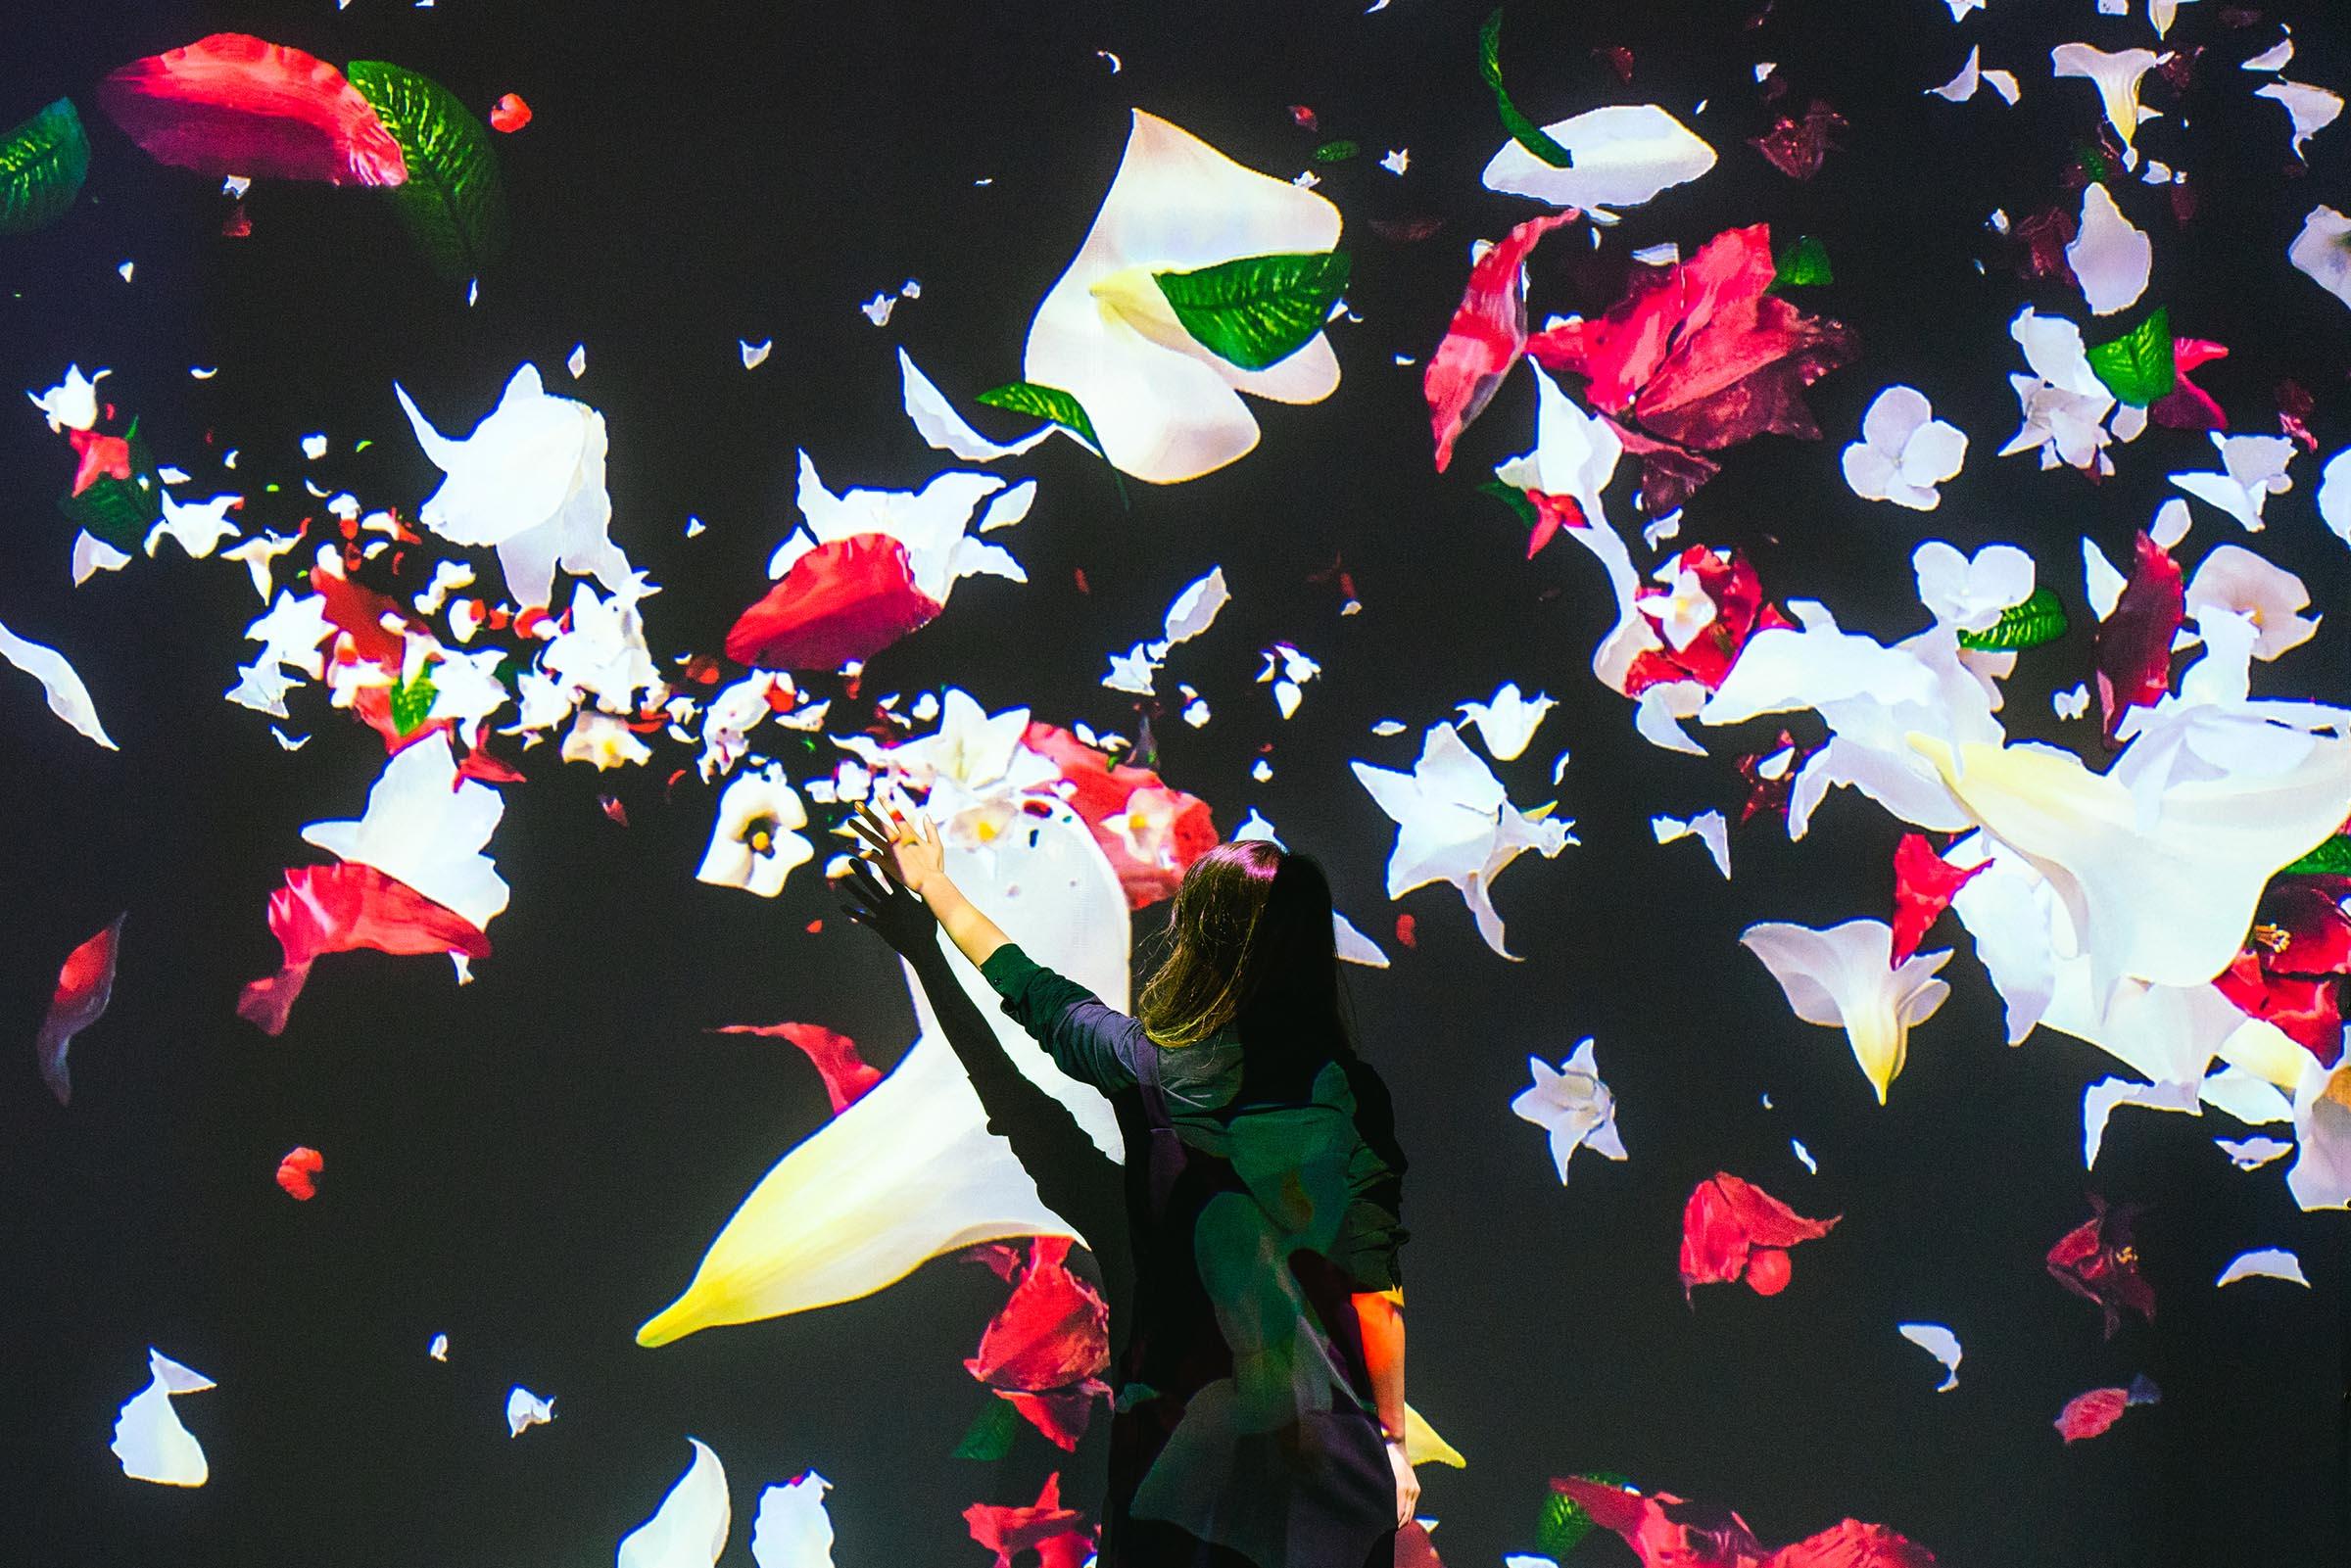 花王「フレア フレグランス」CMの石原さとみ気分?!になれるフォトブース、ネイキッドが演出